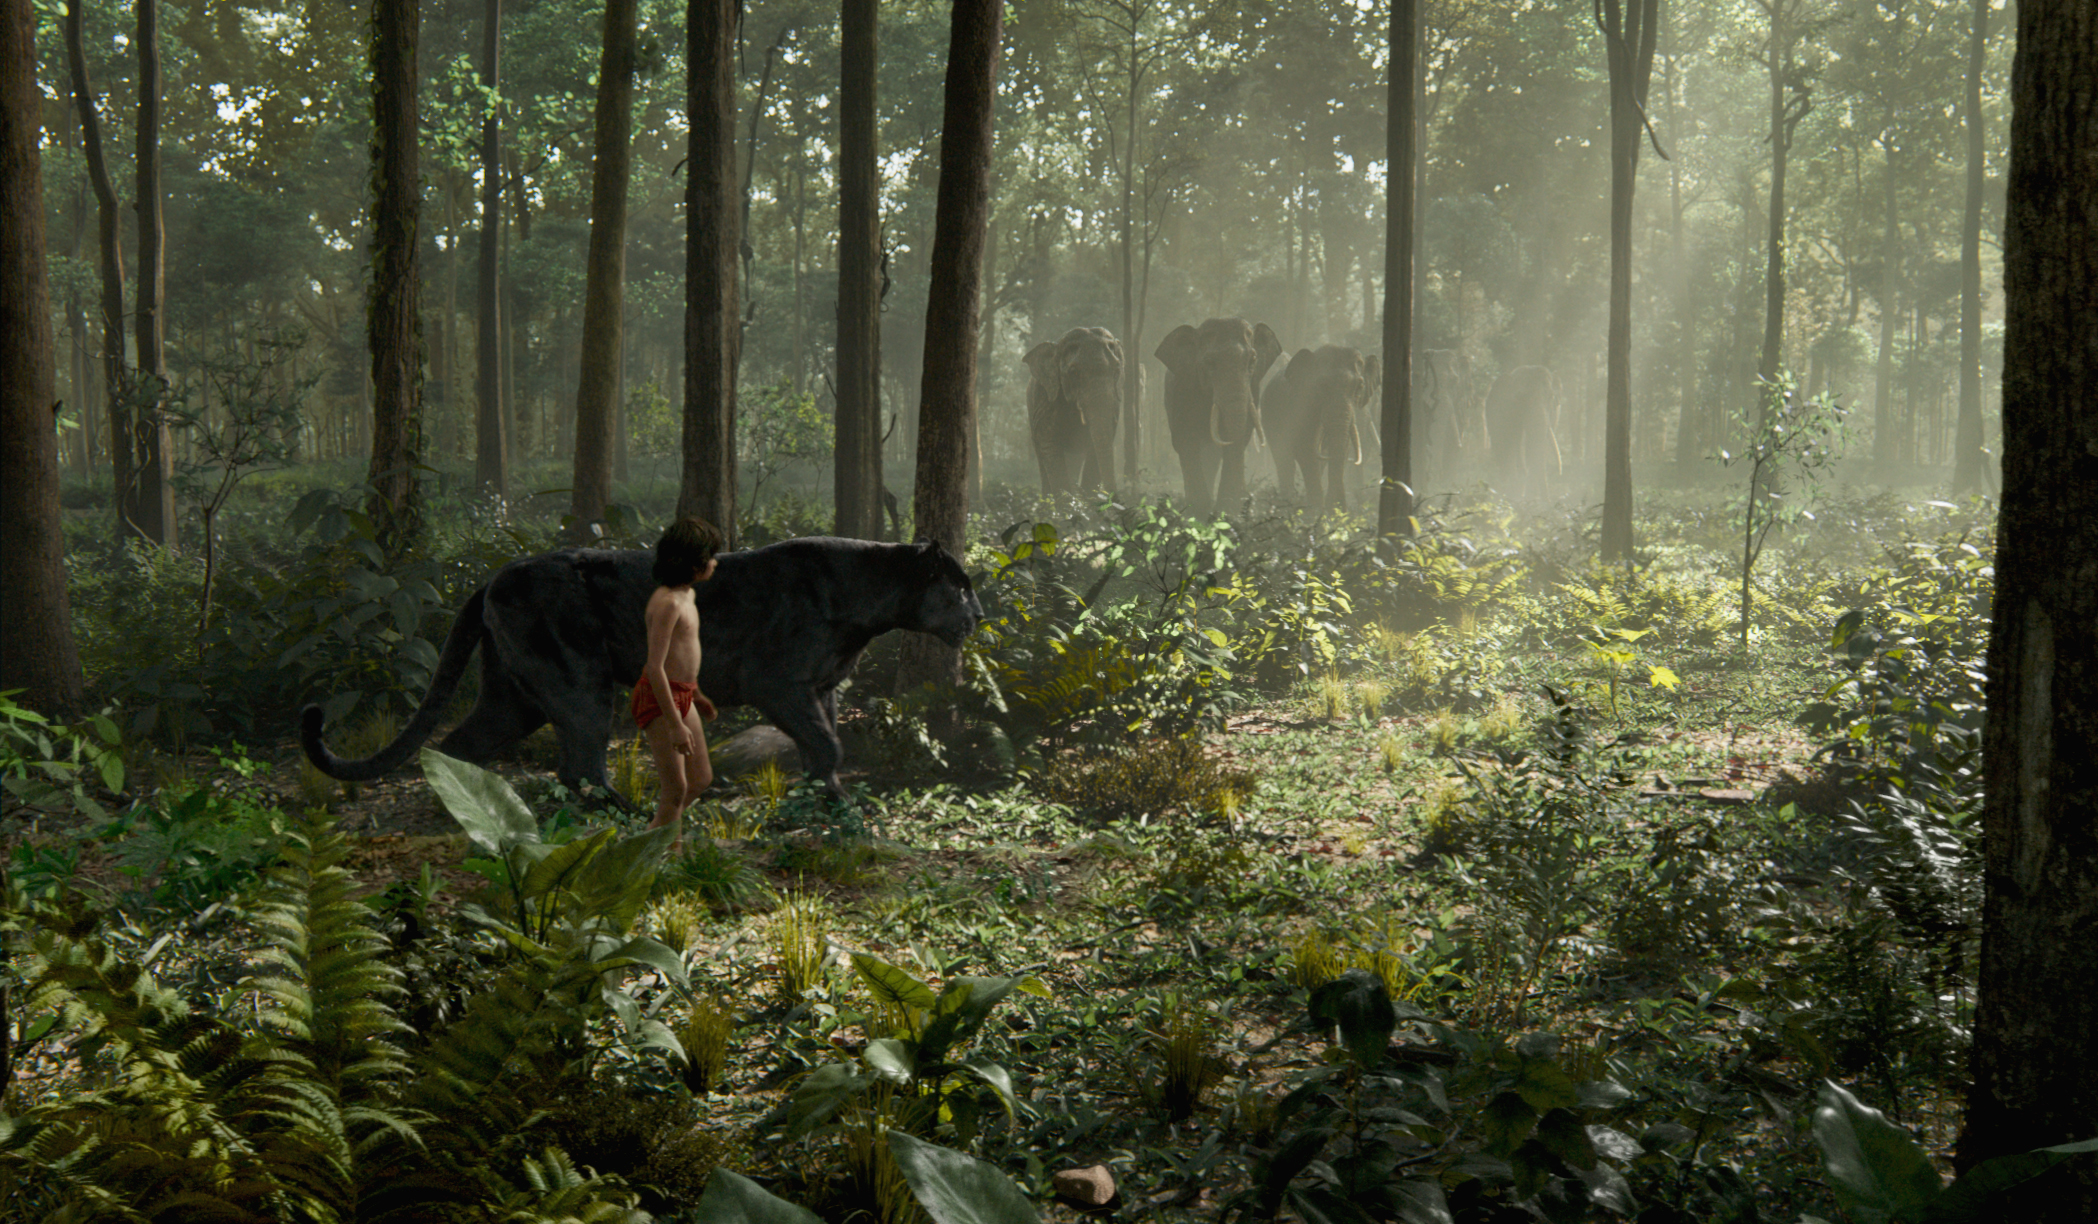 Mowgli and Bagheera see the Elephants